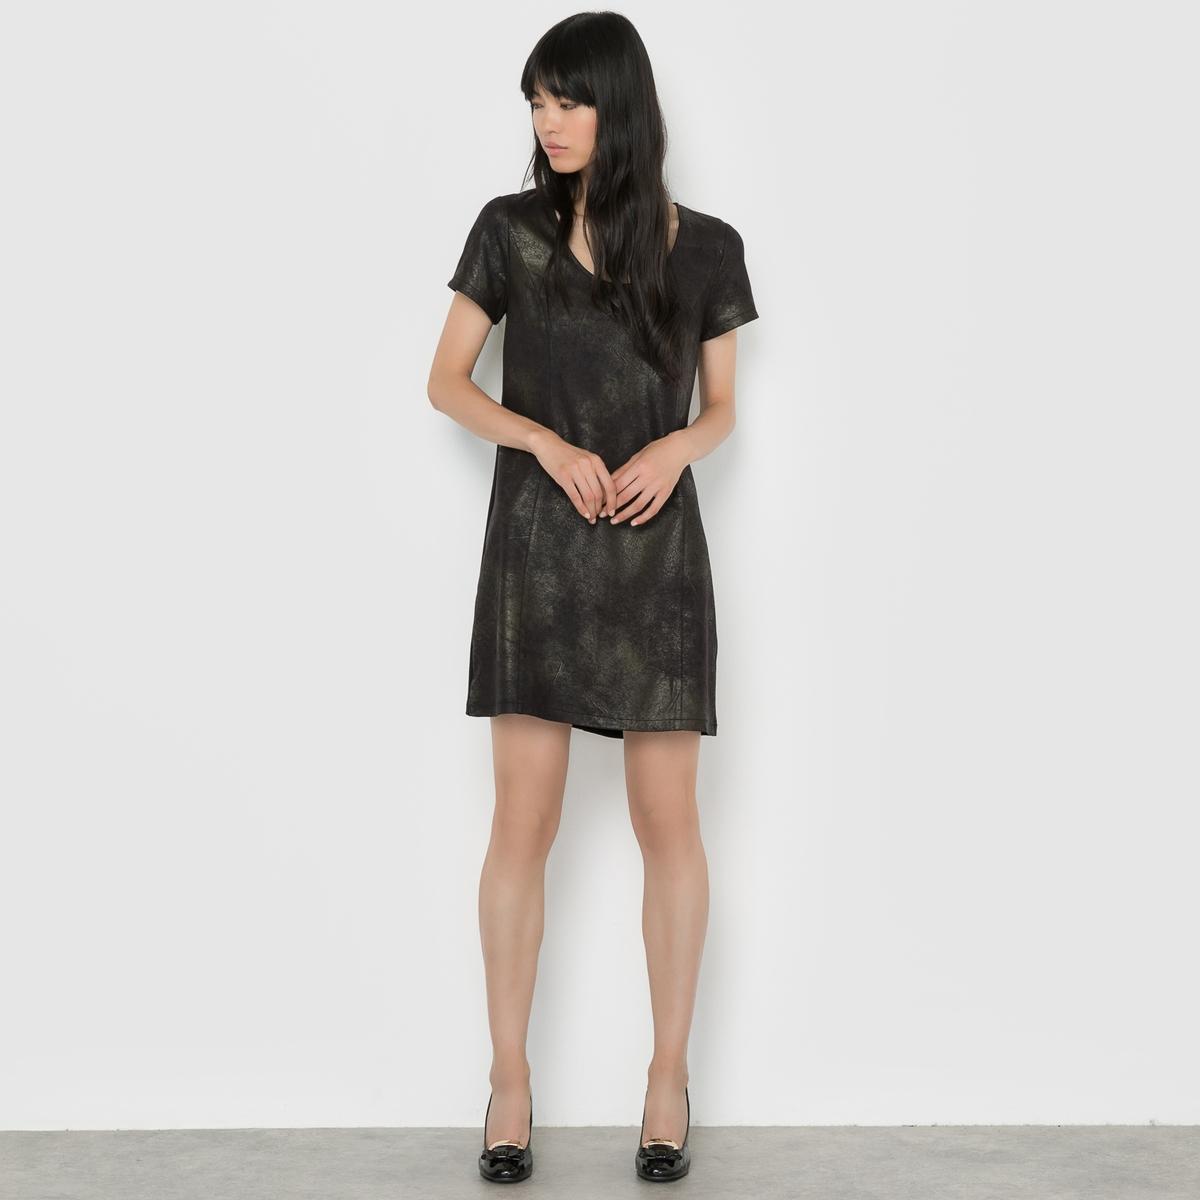 Платье с короткими рукавамиСостав и описание:     Материал        88% полиэстера, 12% эластана     Марка        VILA          Уход     Соблюдайте рекомендации по уходу, указанные на этикетке<br><br>Цвет: черный